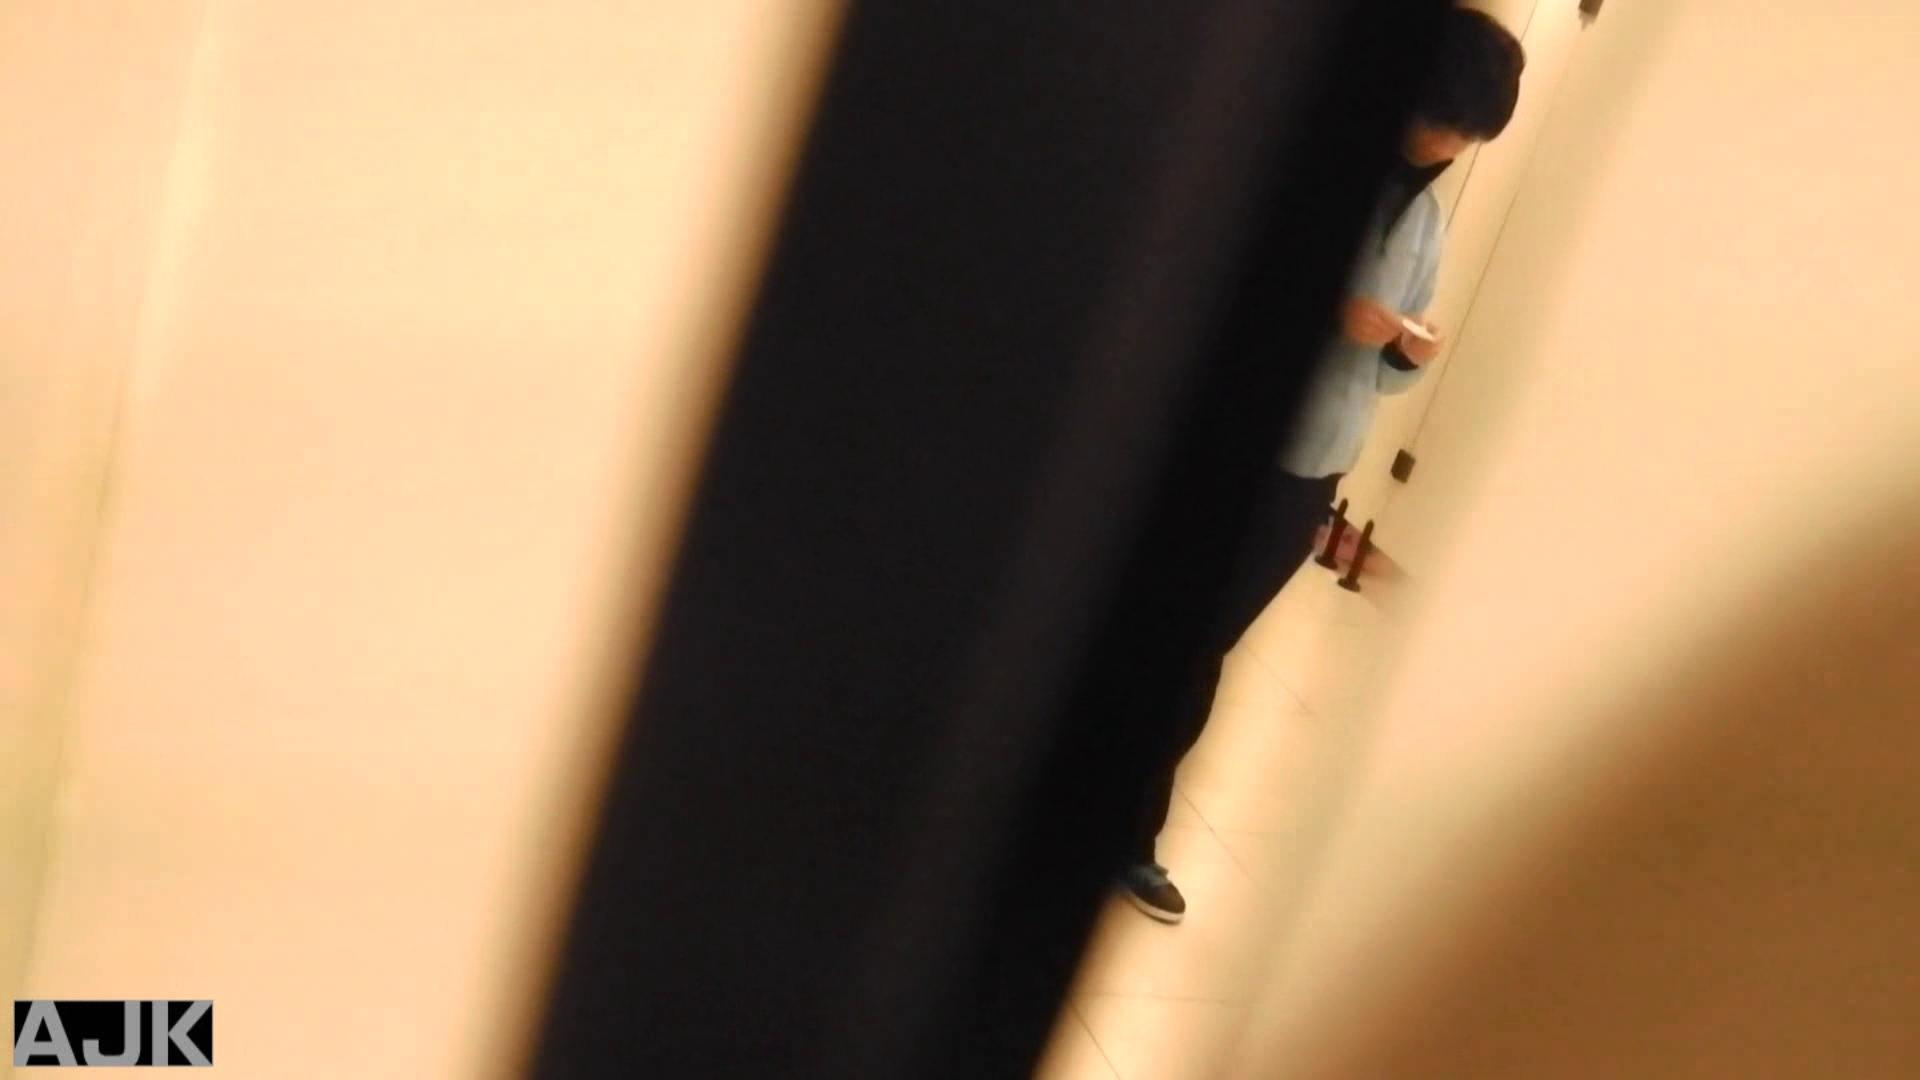 隣国上階級エリアの令嬢たちが集うデパートお手洗い Vol.10 オマンコ   無修正おまんこ  28画像 13